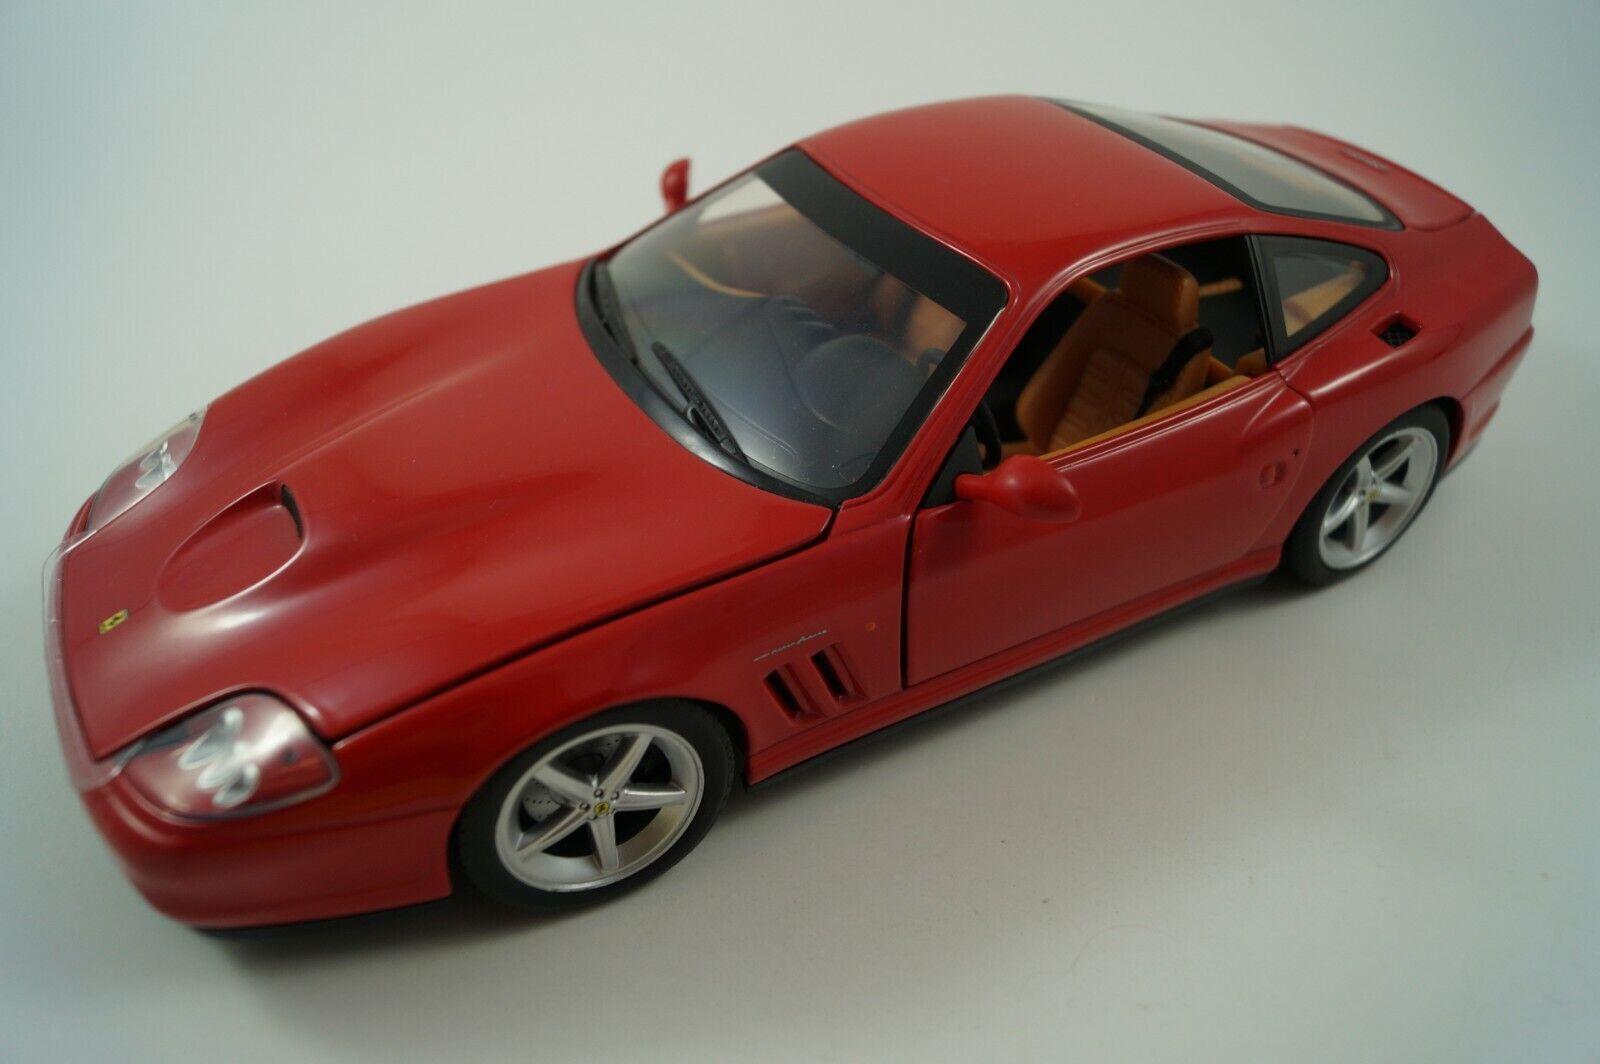 Hot Wheels Model Car 1 18 Ferrari 575 MM